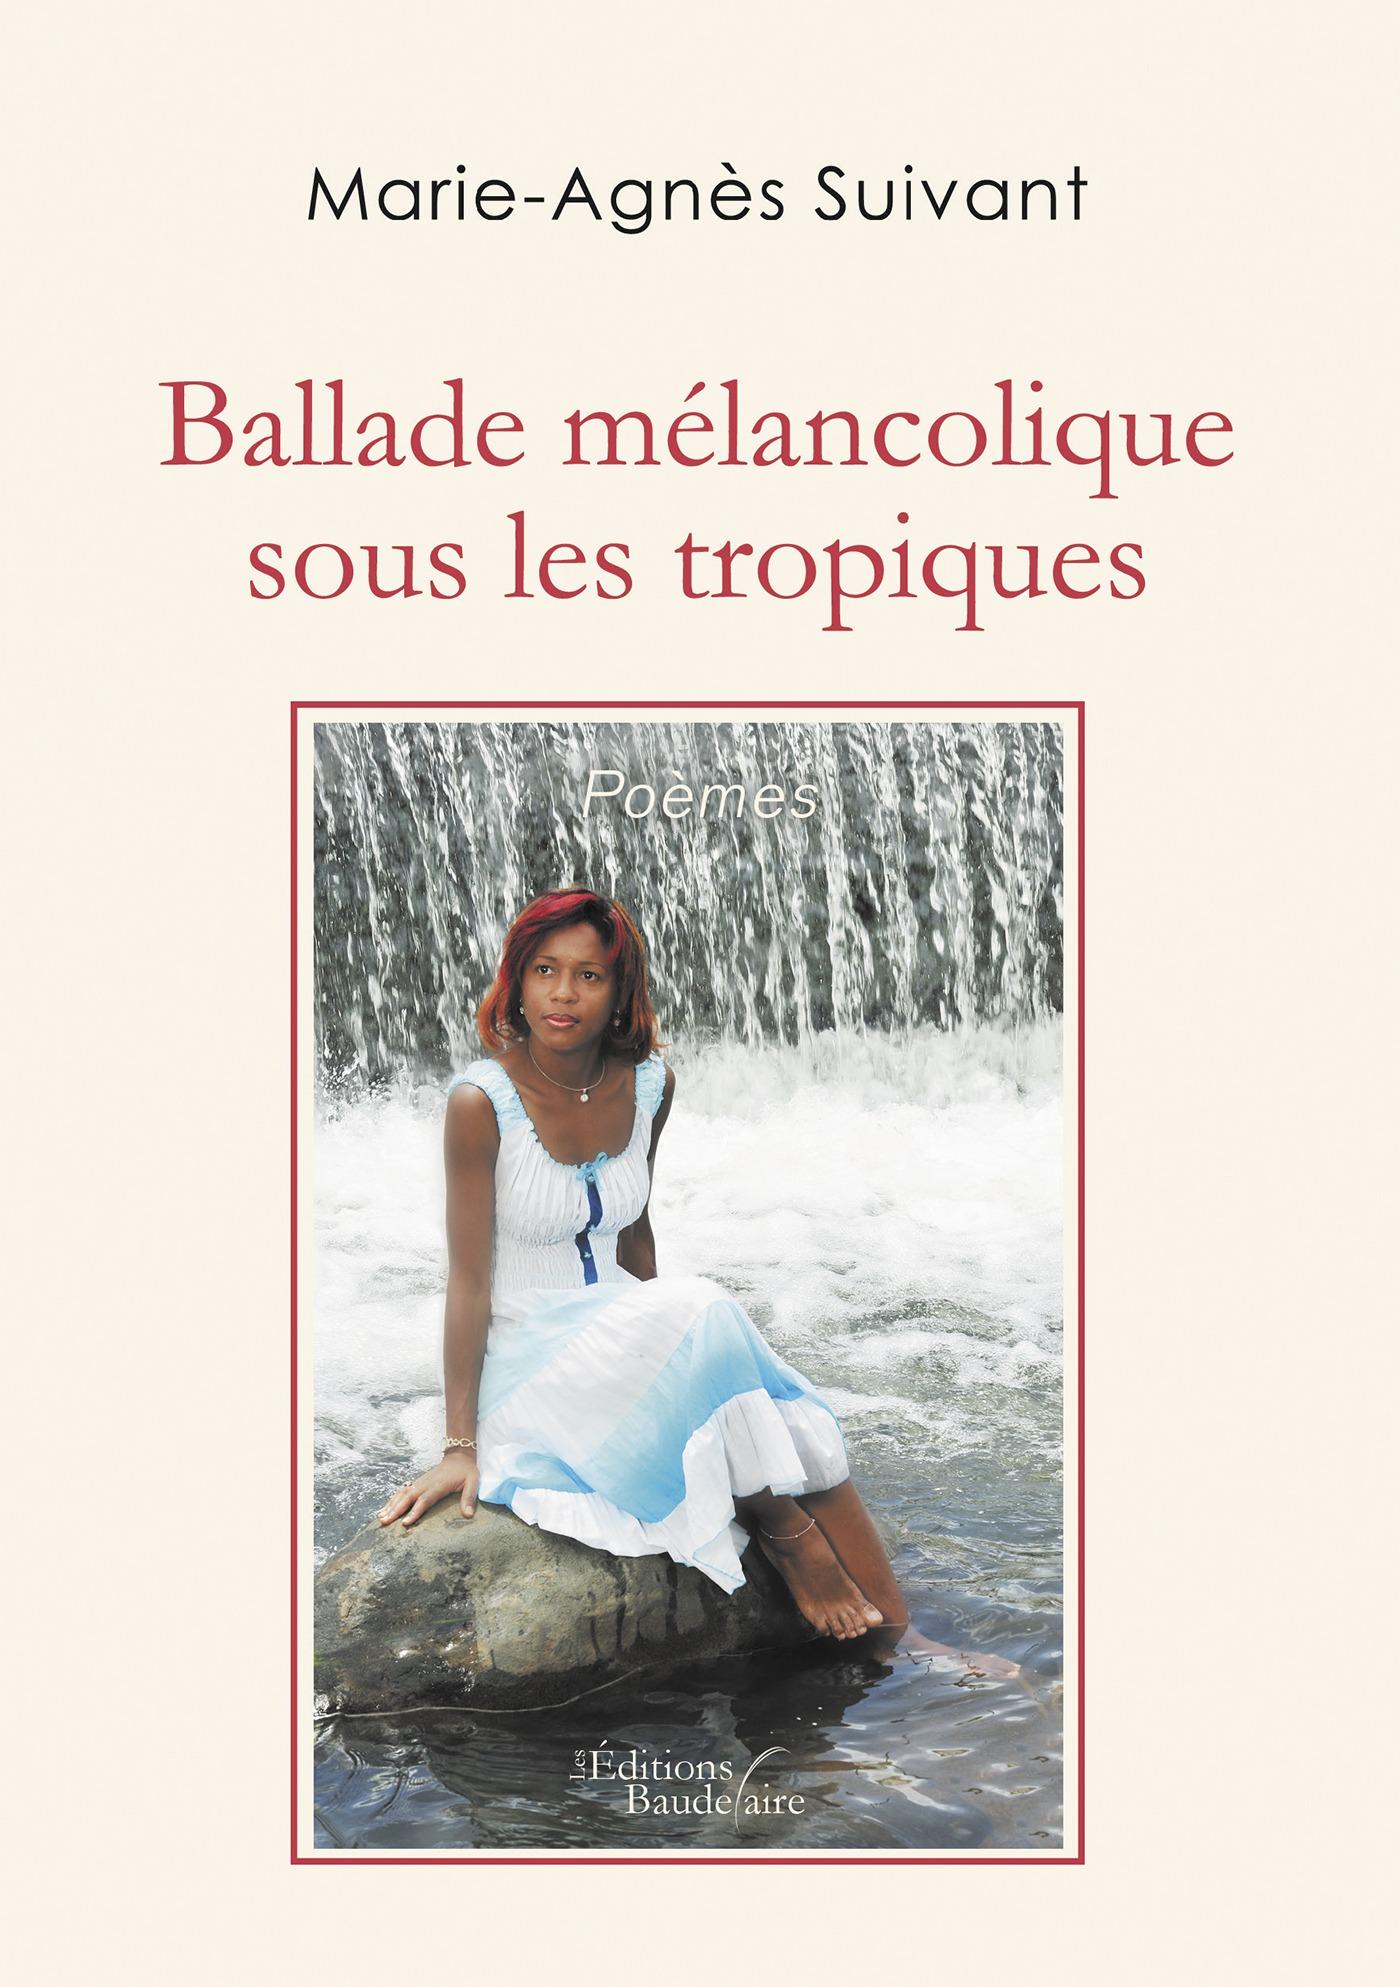 Ballade mélancolique sous les tropiques